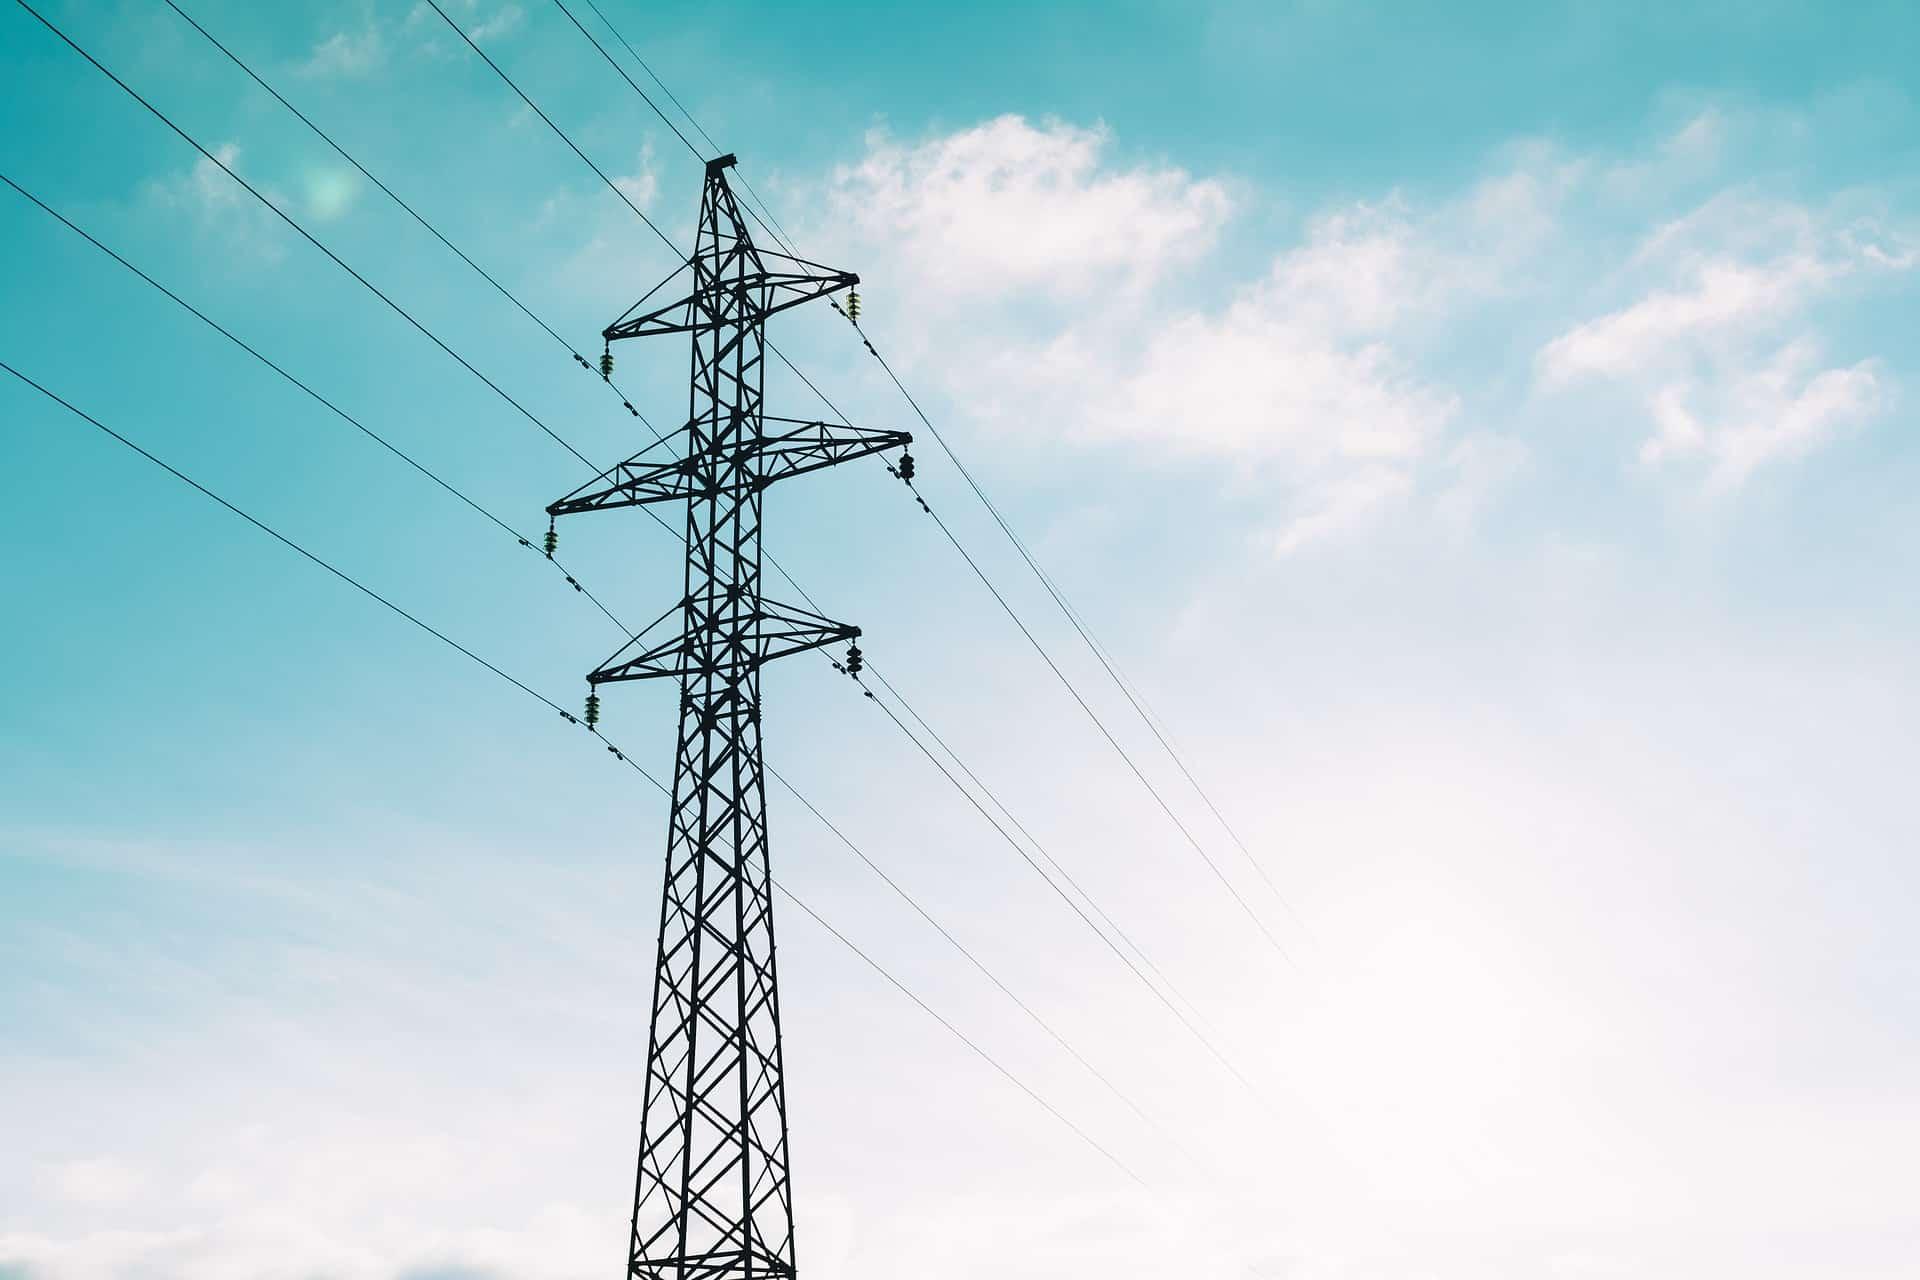 Kennisbijeenkomst duurzame vervanging energieslurpers gaat samen met circulariteit en financieel voordeel